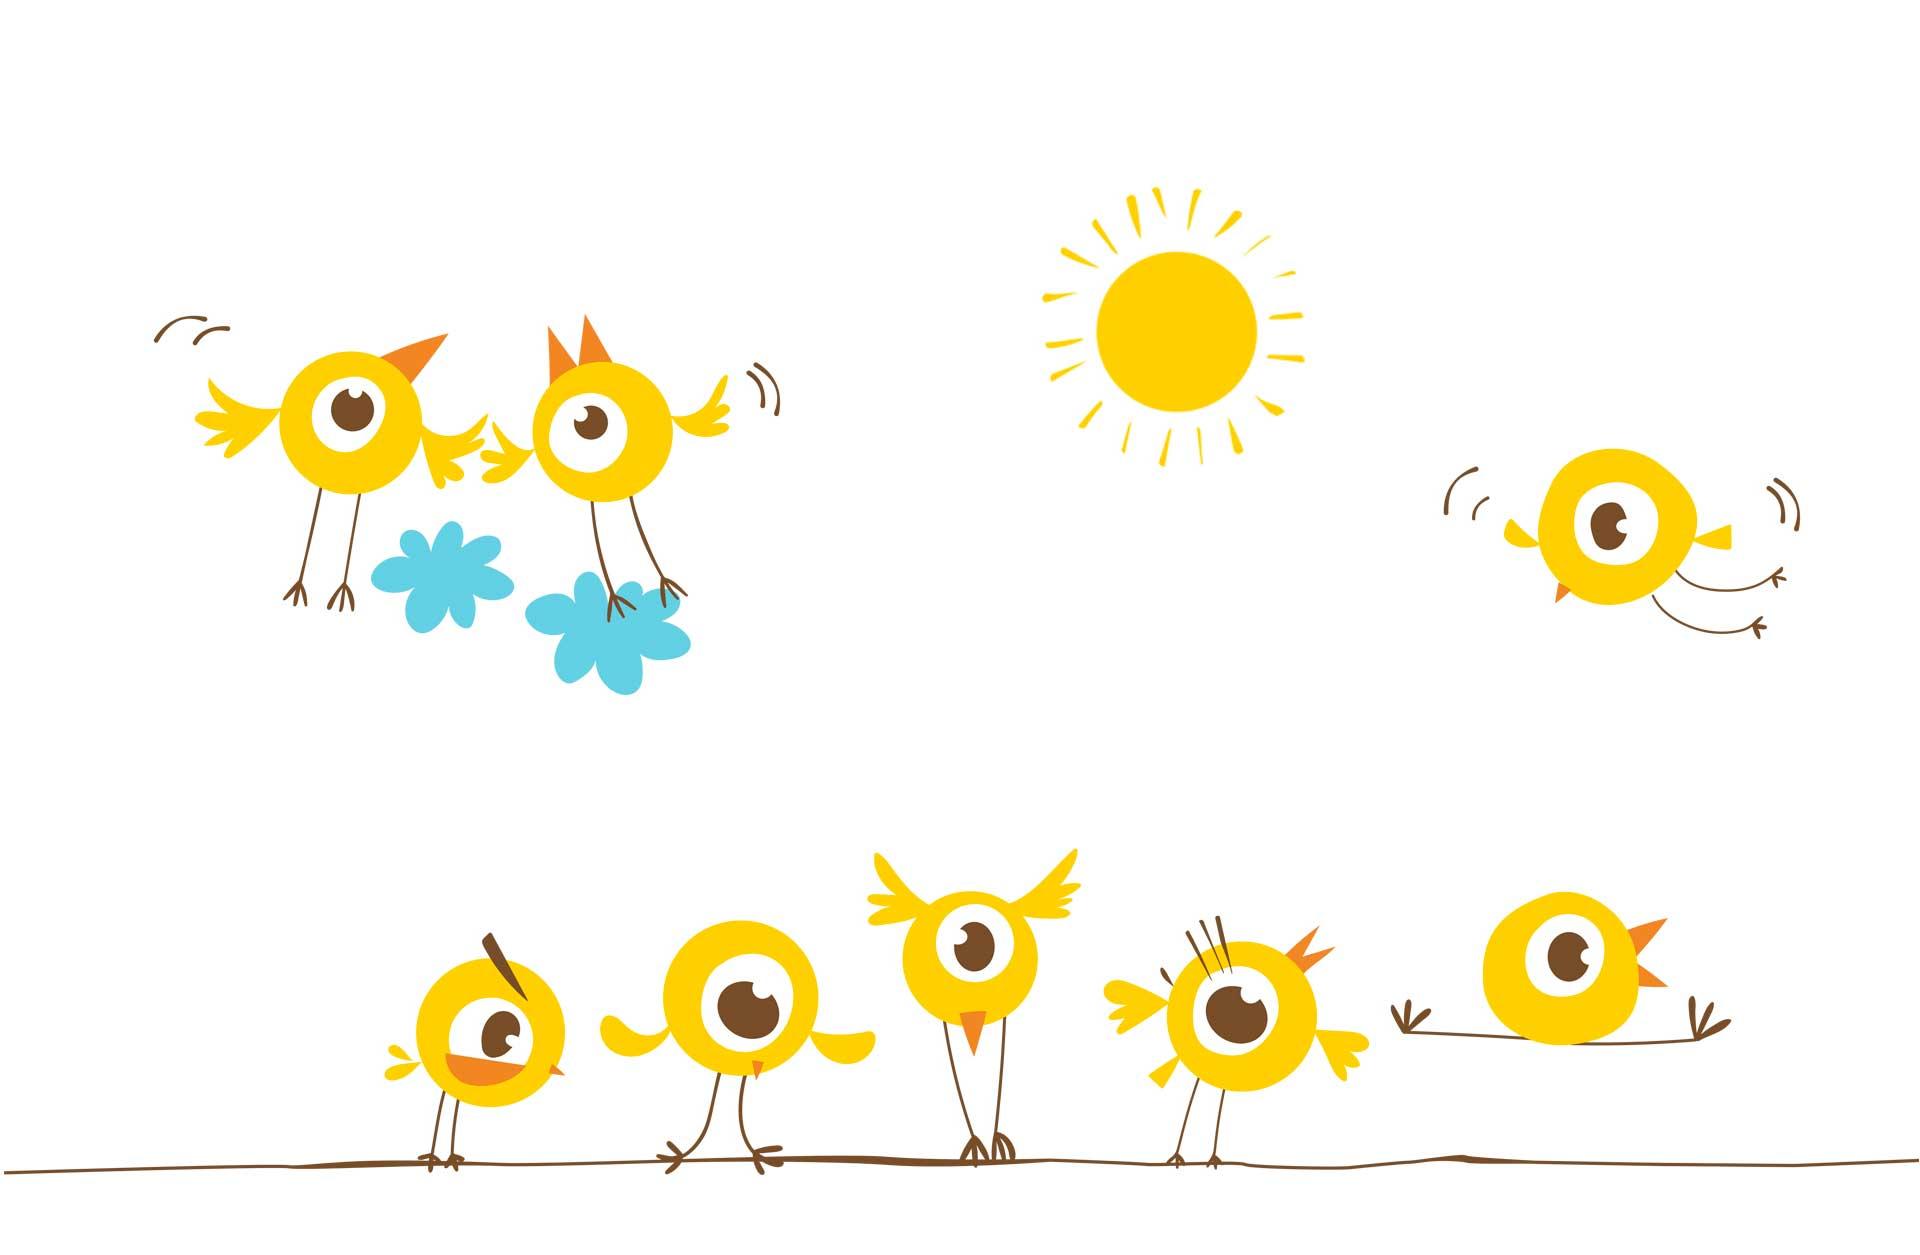 Dag van de duurzaamheid - vogeltjes